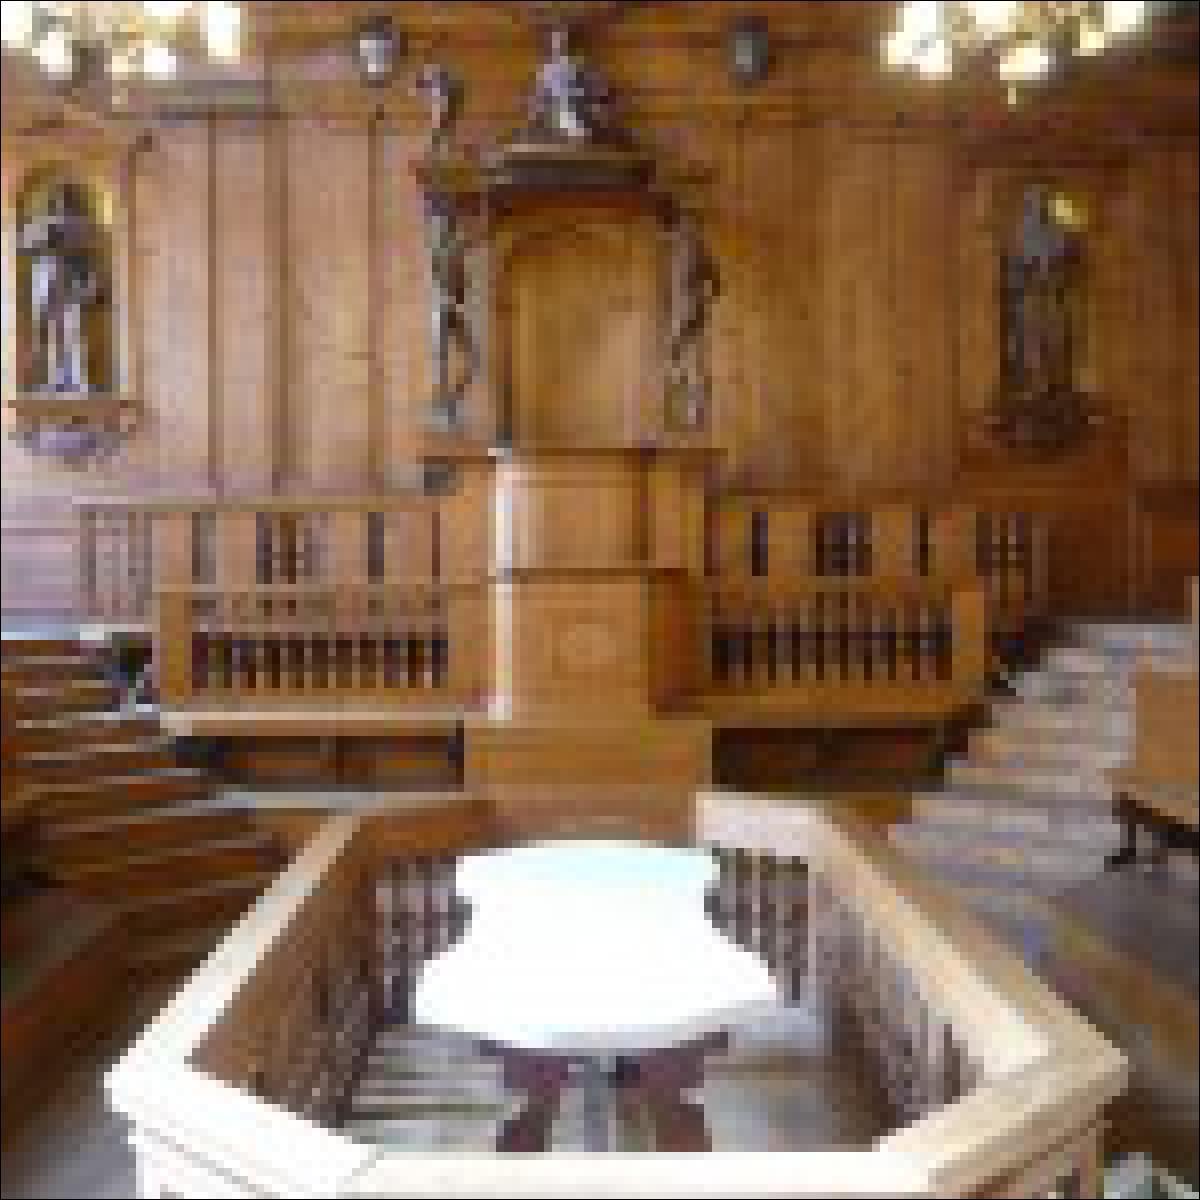 Ein Blick in die Universität Bologna